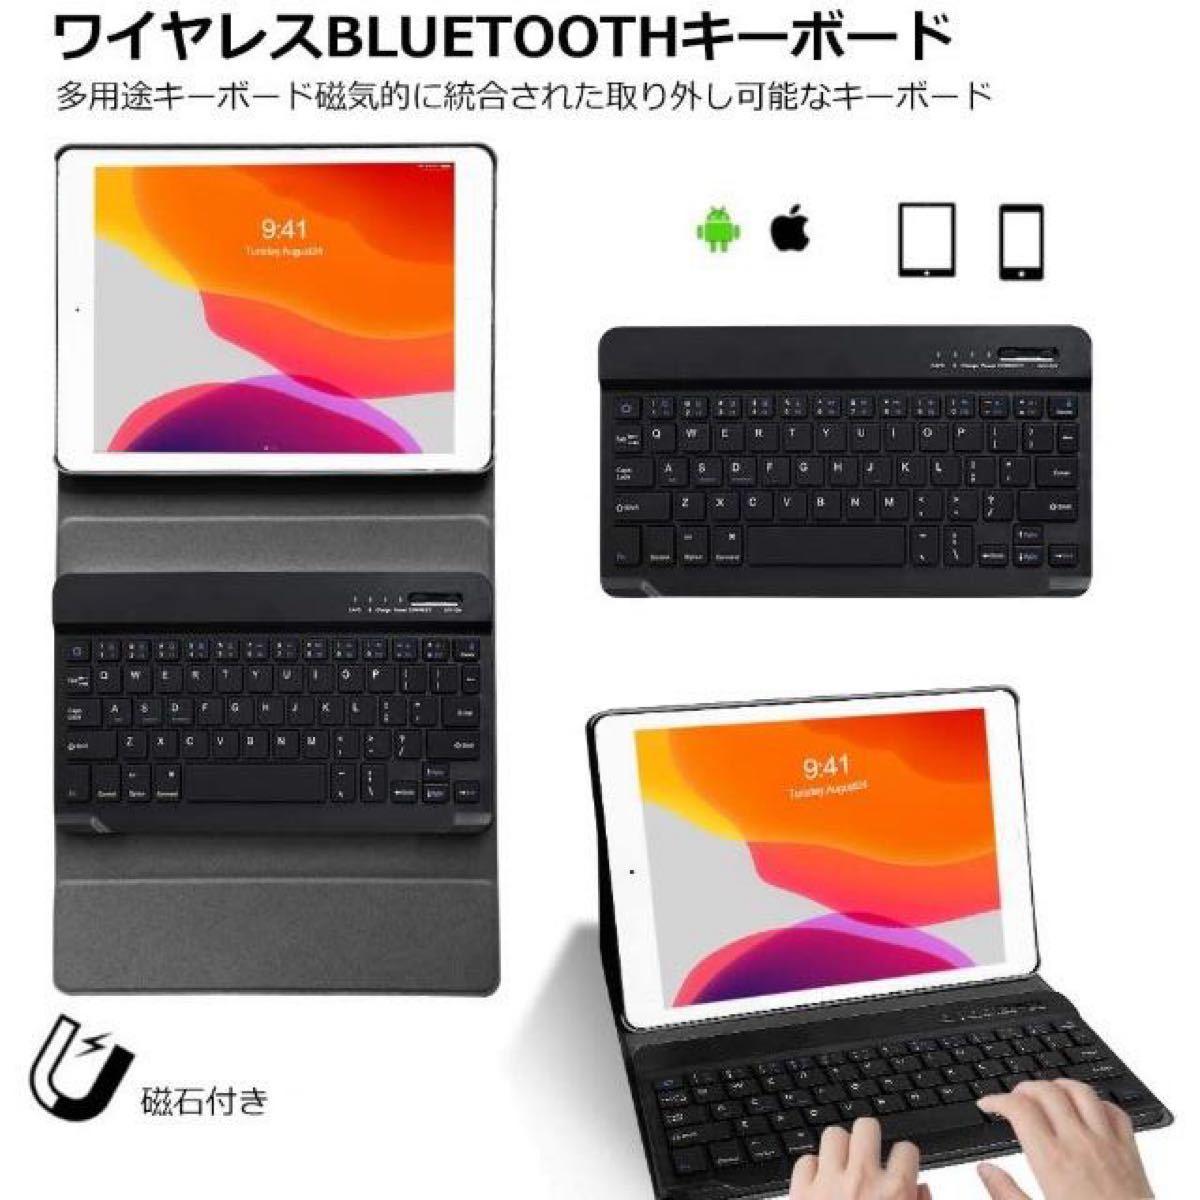 iPad 9.7 ケース キーボード Bluetooth 脱着式キーボードケースワイヤレスbluetoothキーボード 手帳